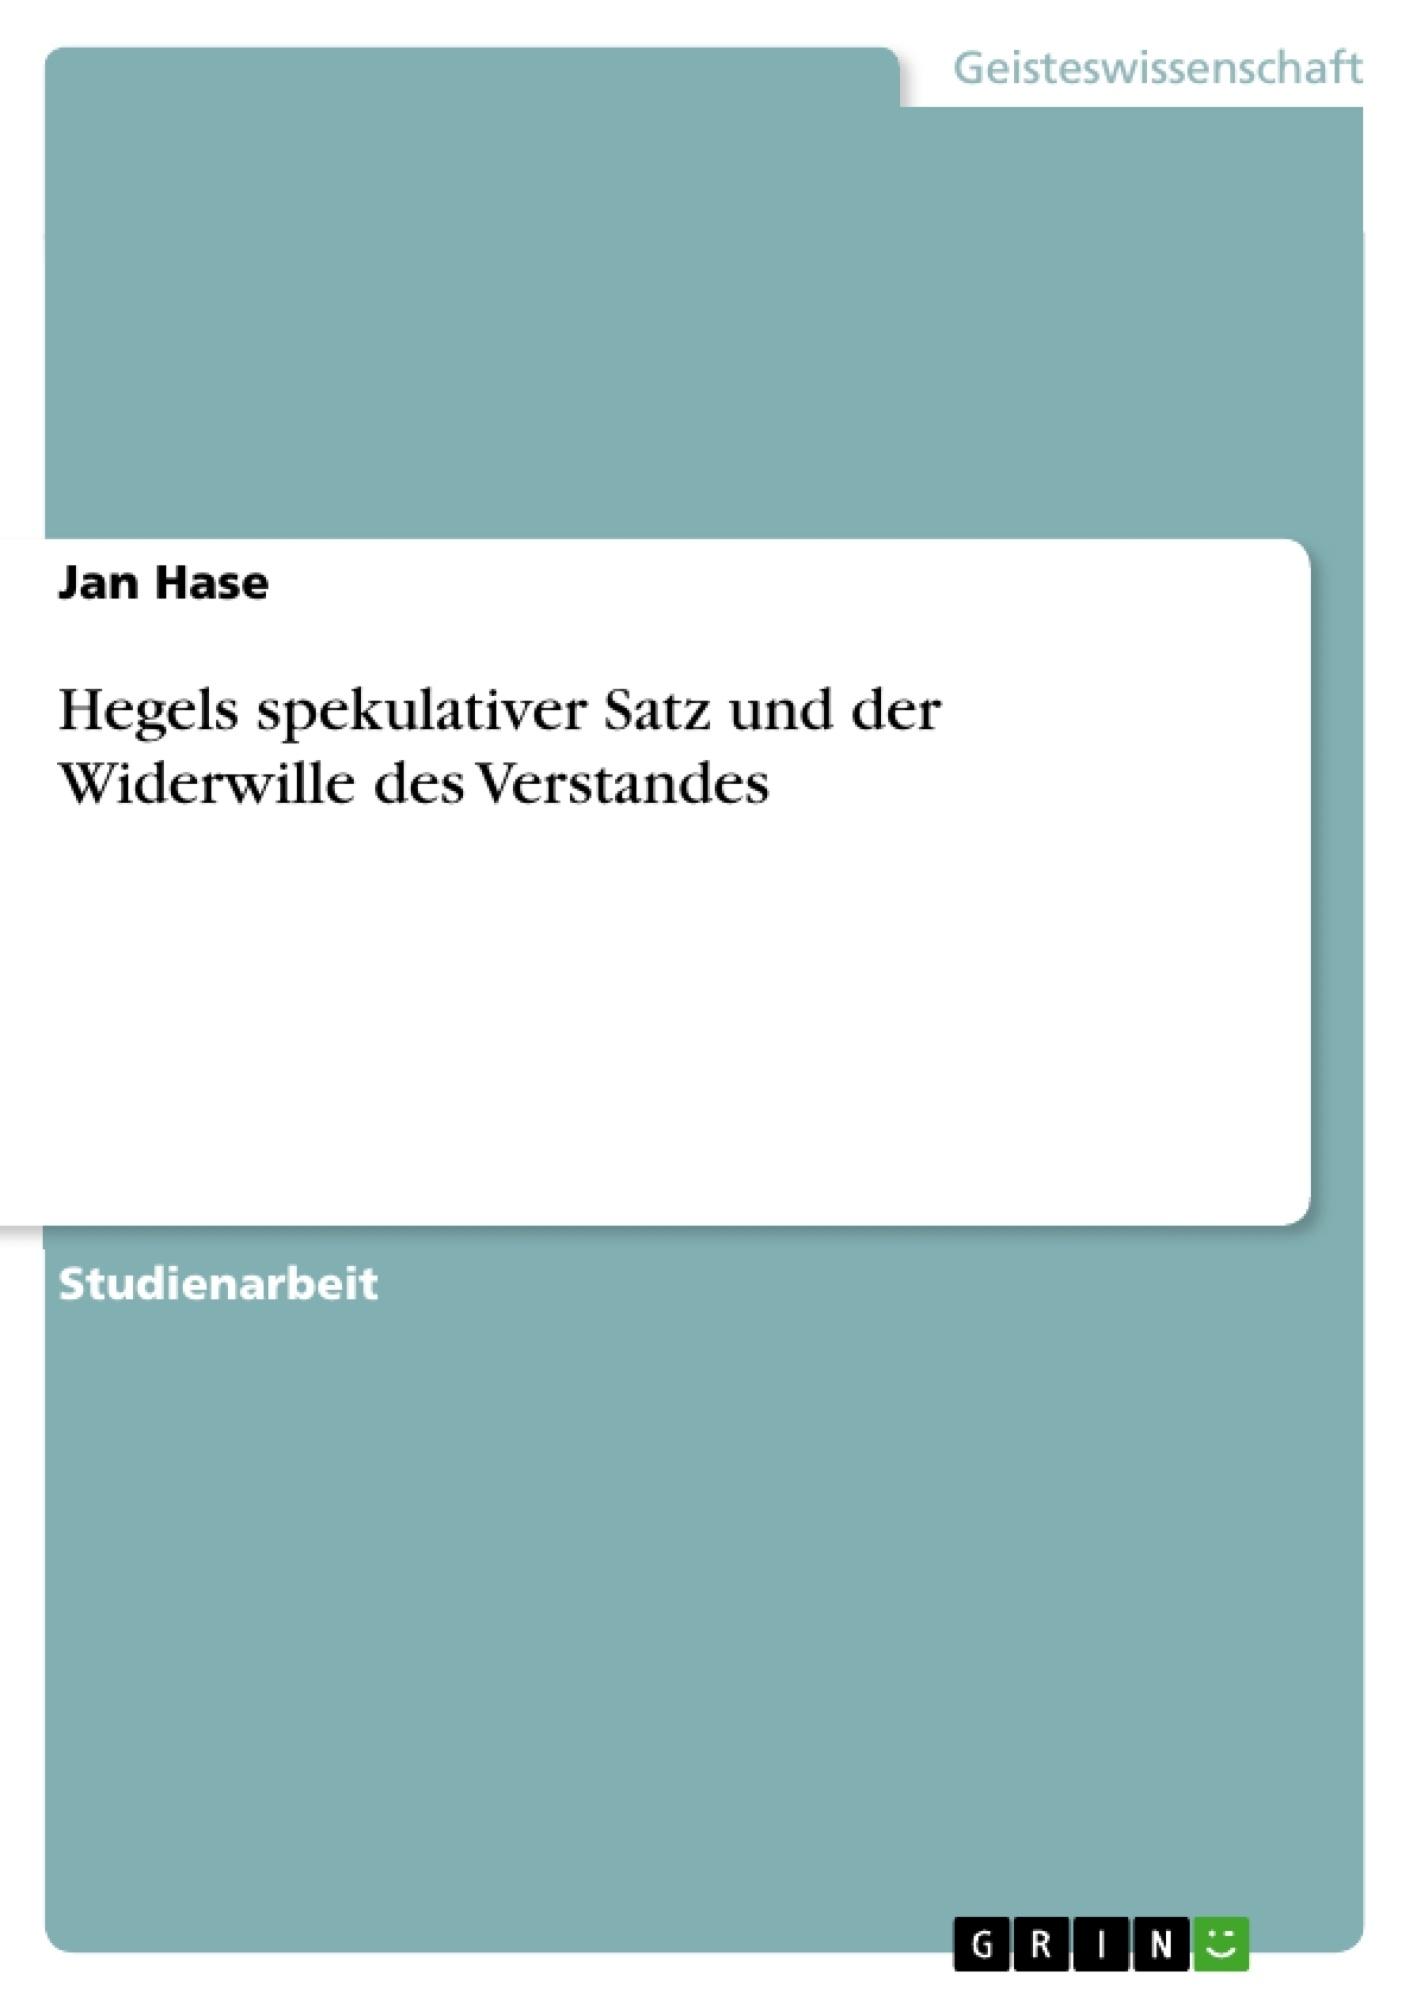 Titel: Hegels spekulativer Satz und der Widerwille des Verstandes